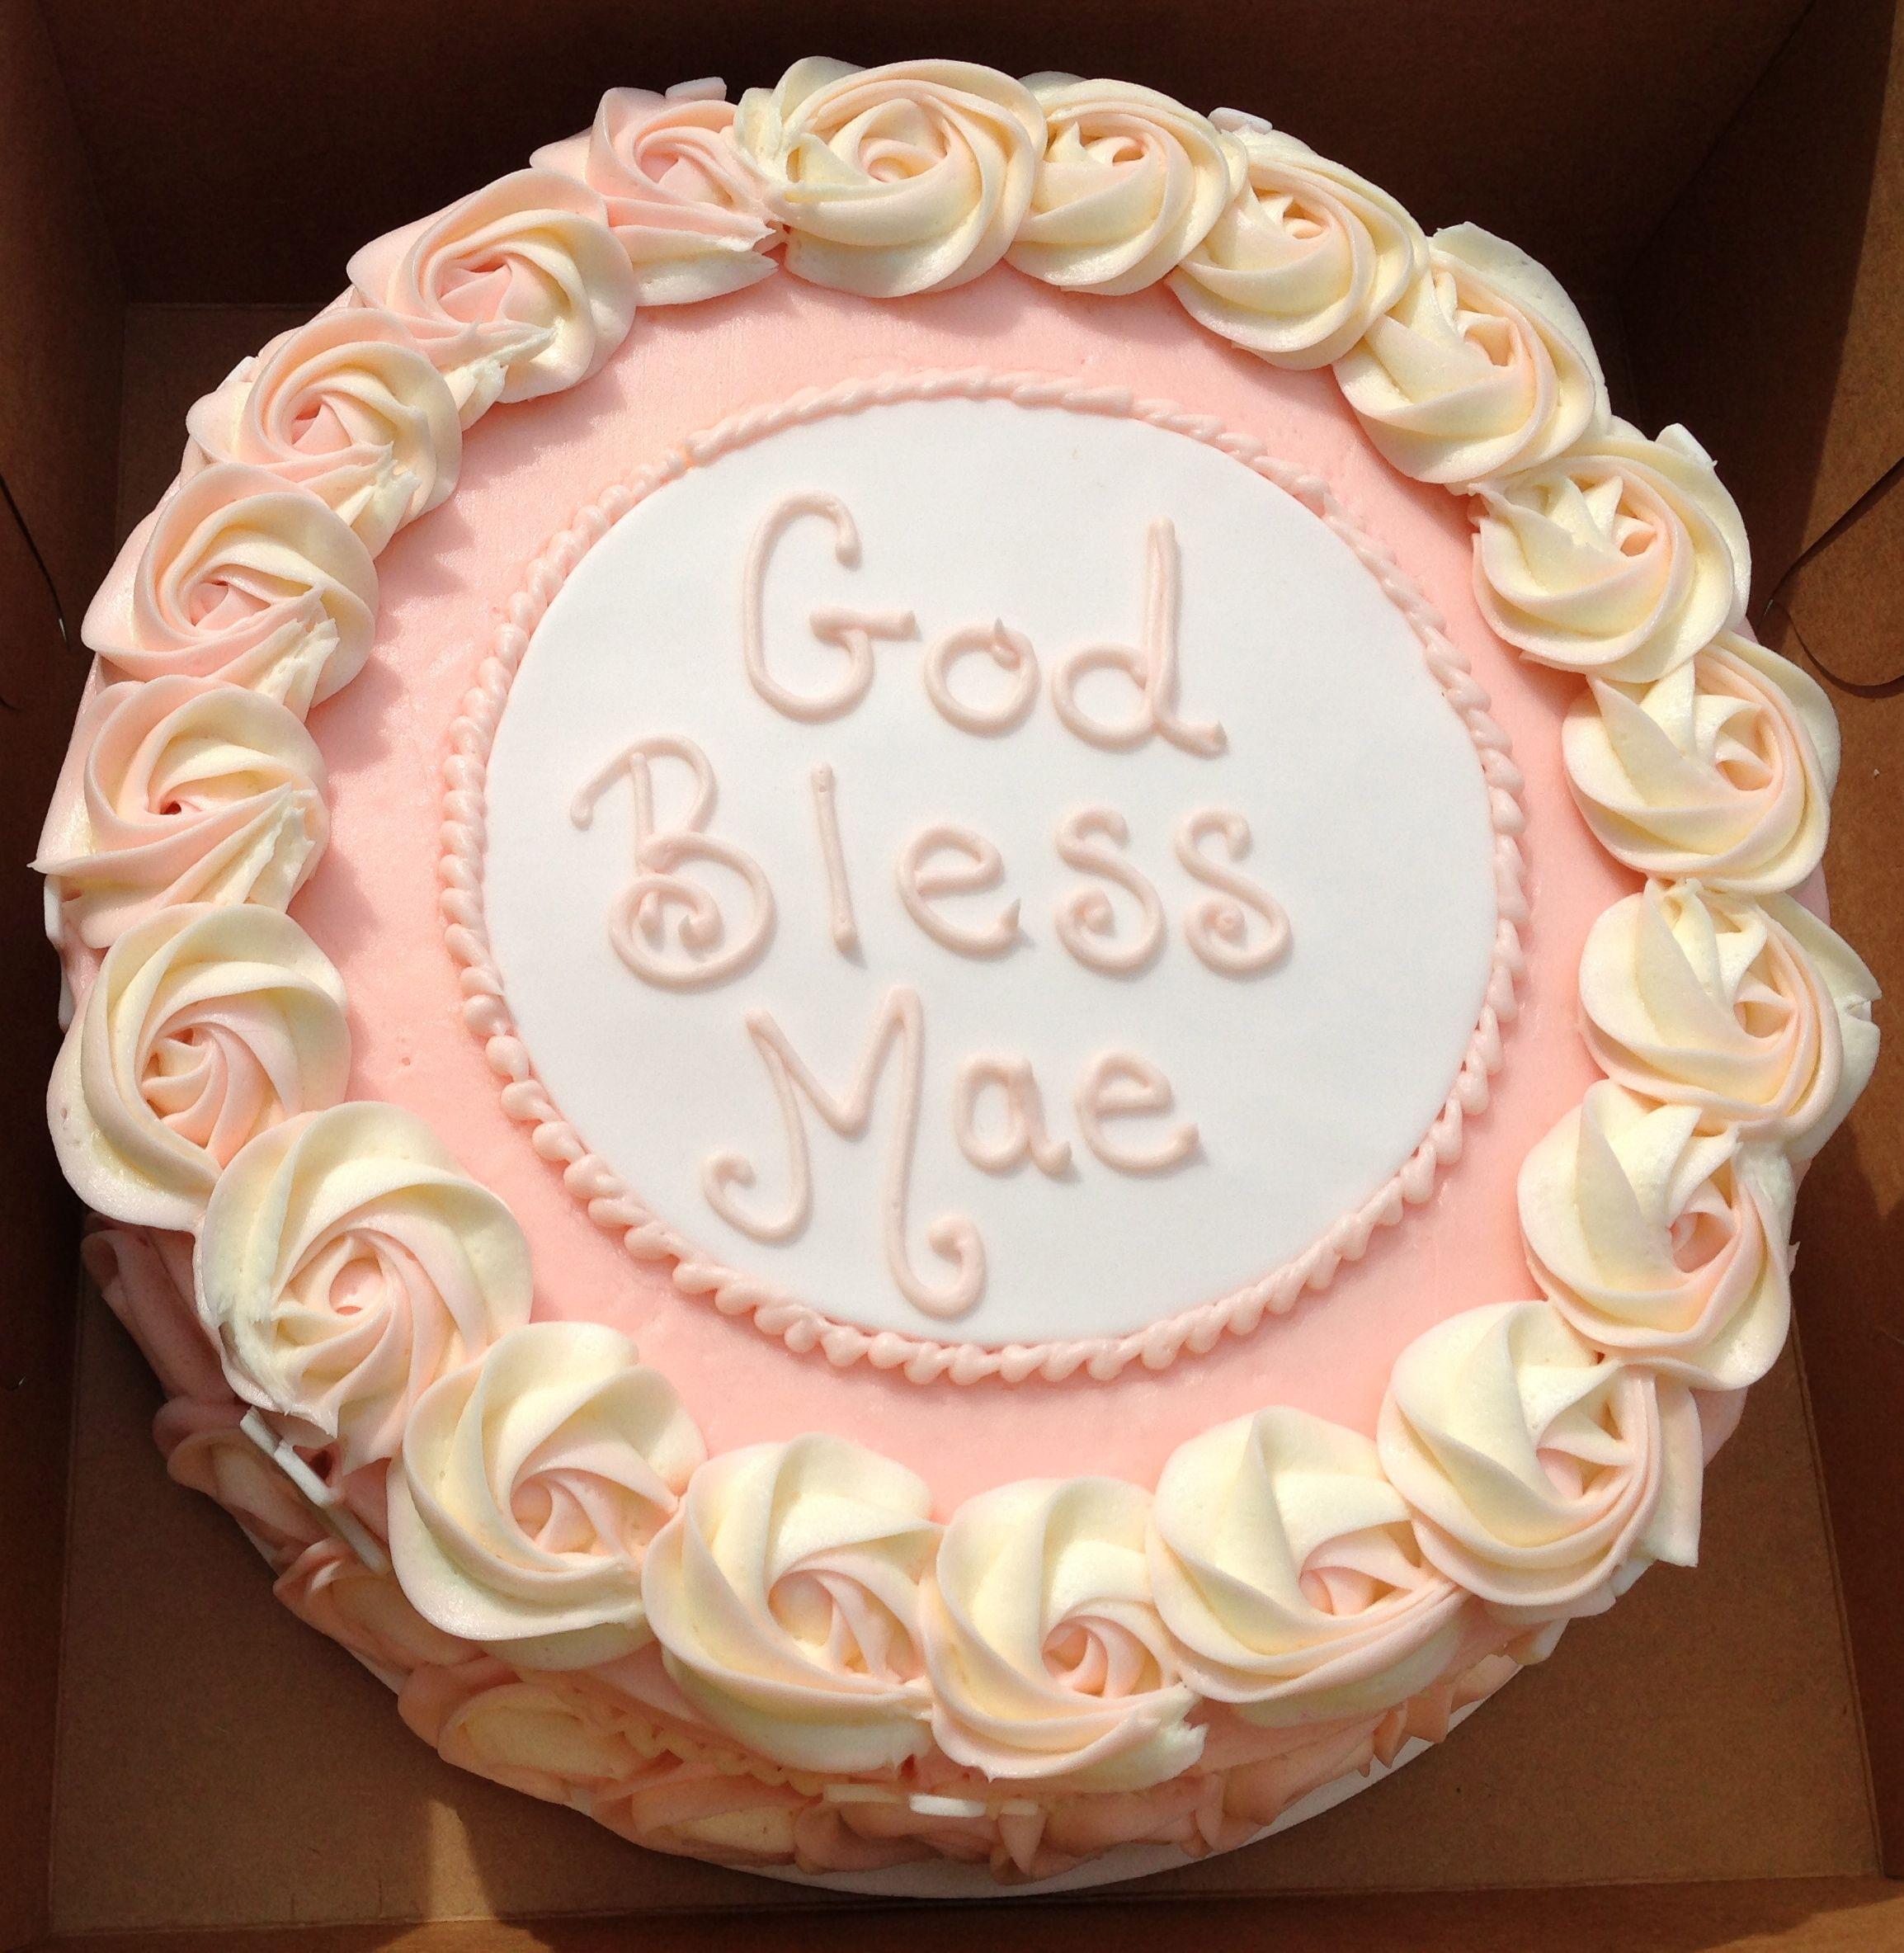 The Cake Box Ridgefield